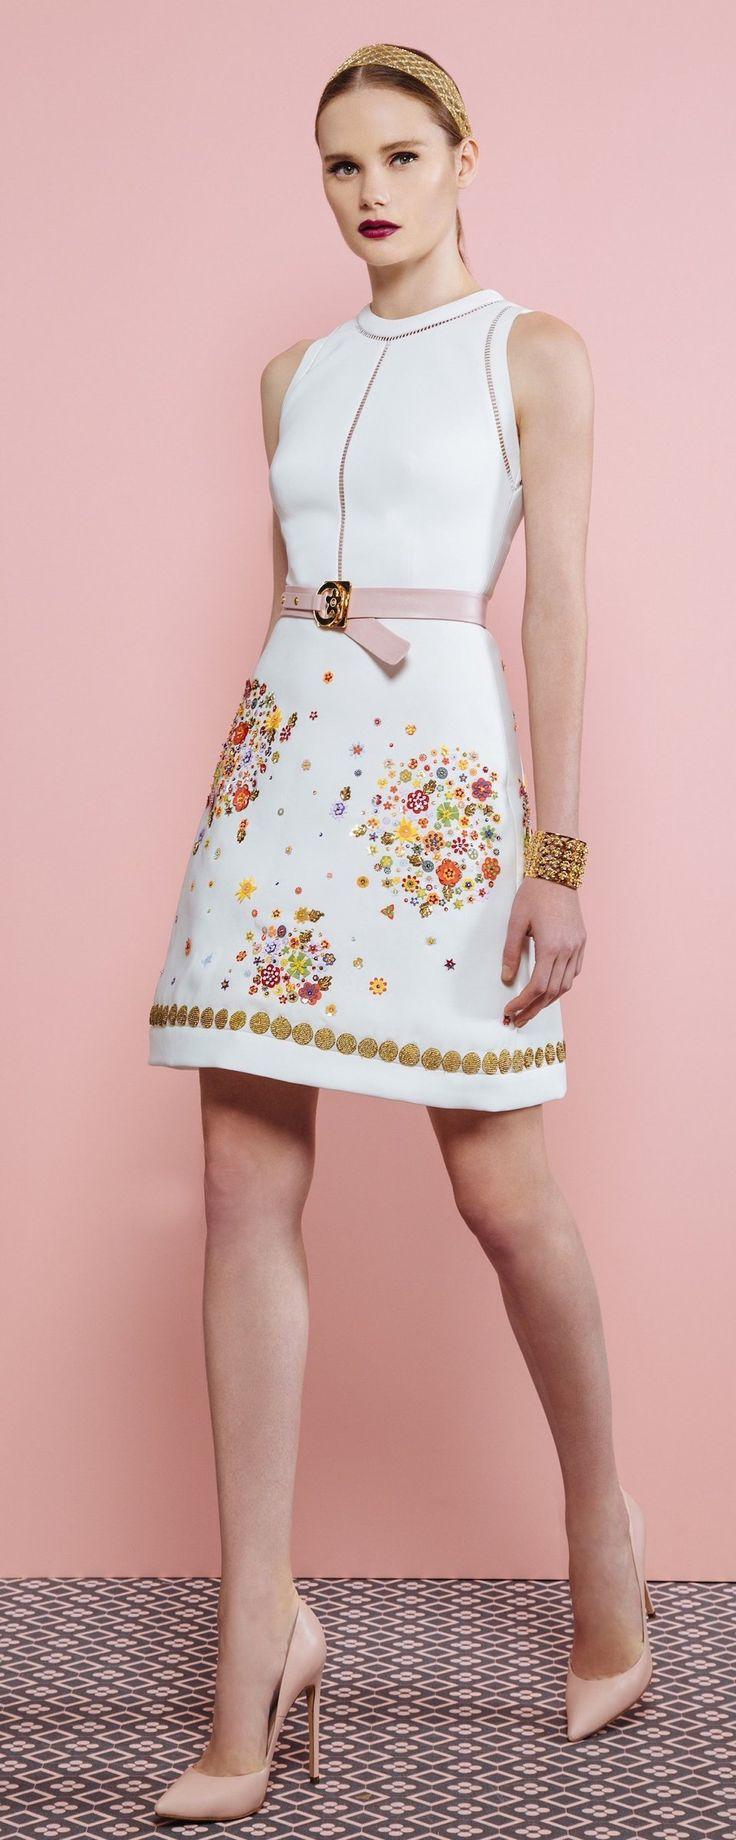 Mejores 91 imágenes de Vestidos en Pinterest | Moda femenina, Moda ...